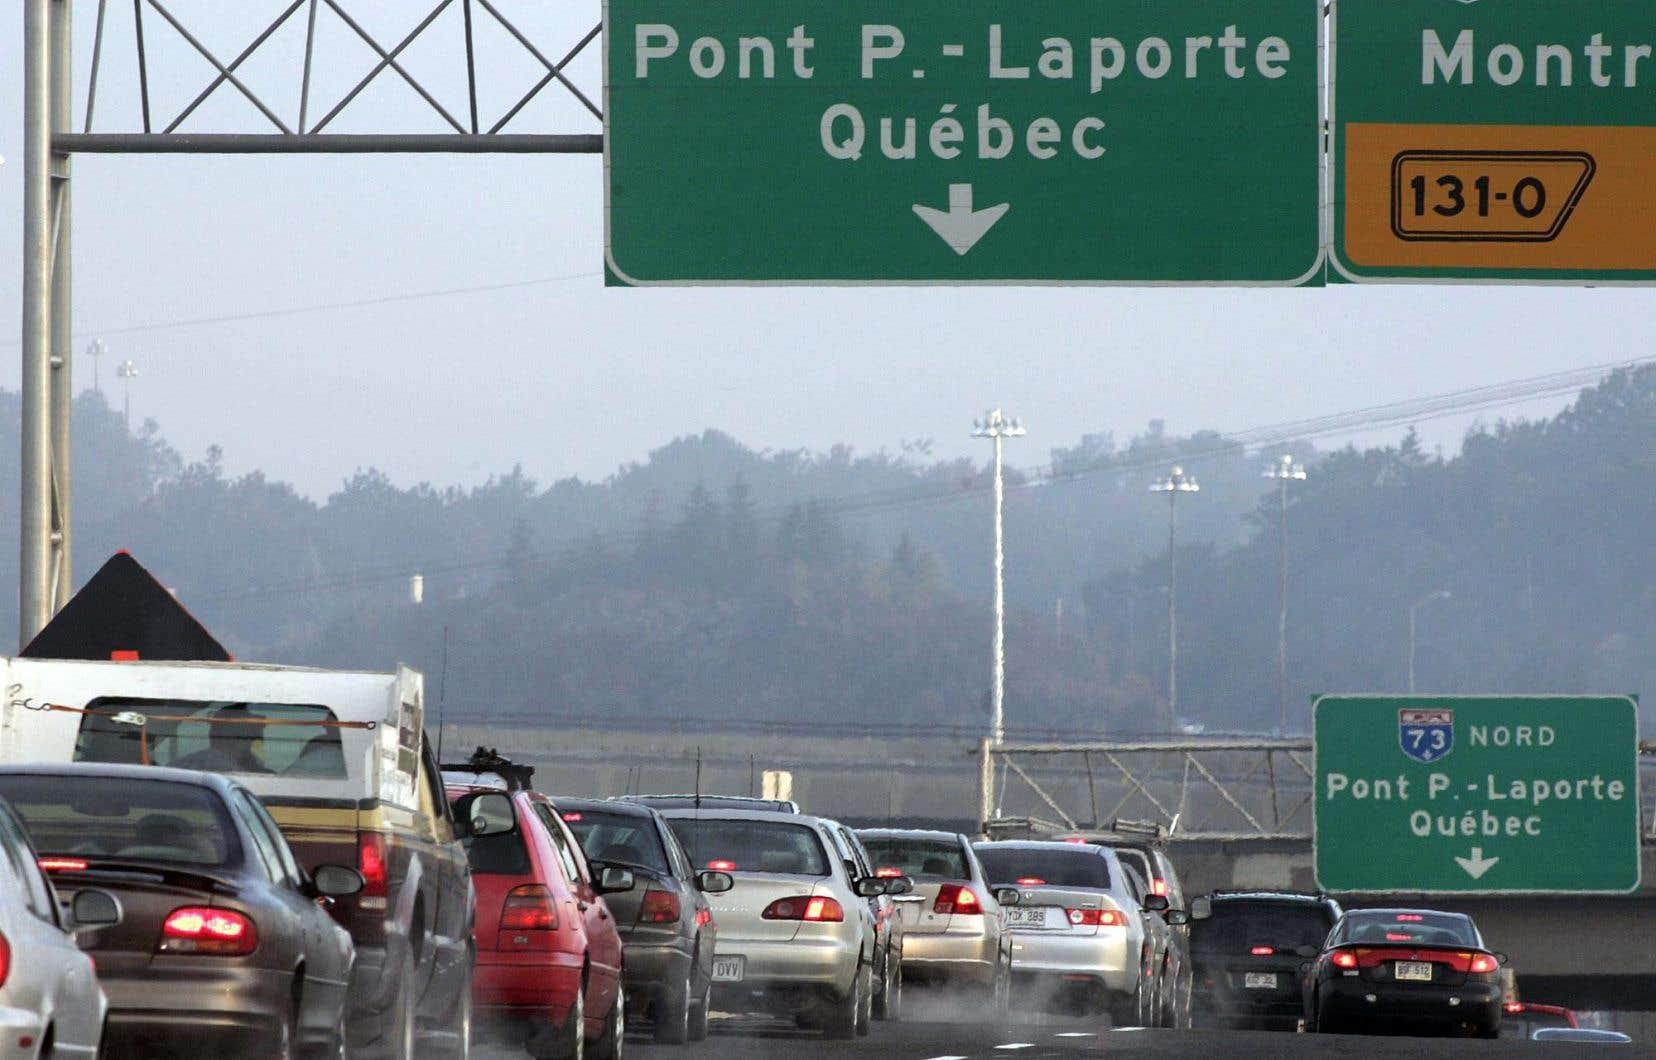 Une moyenne de quelque 3000 voitures provenant des municipalités de la couronne sud de Québec traversent chaque jour le fleuve Saint-Laurent.